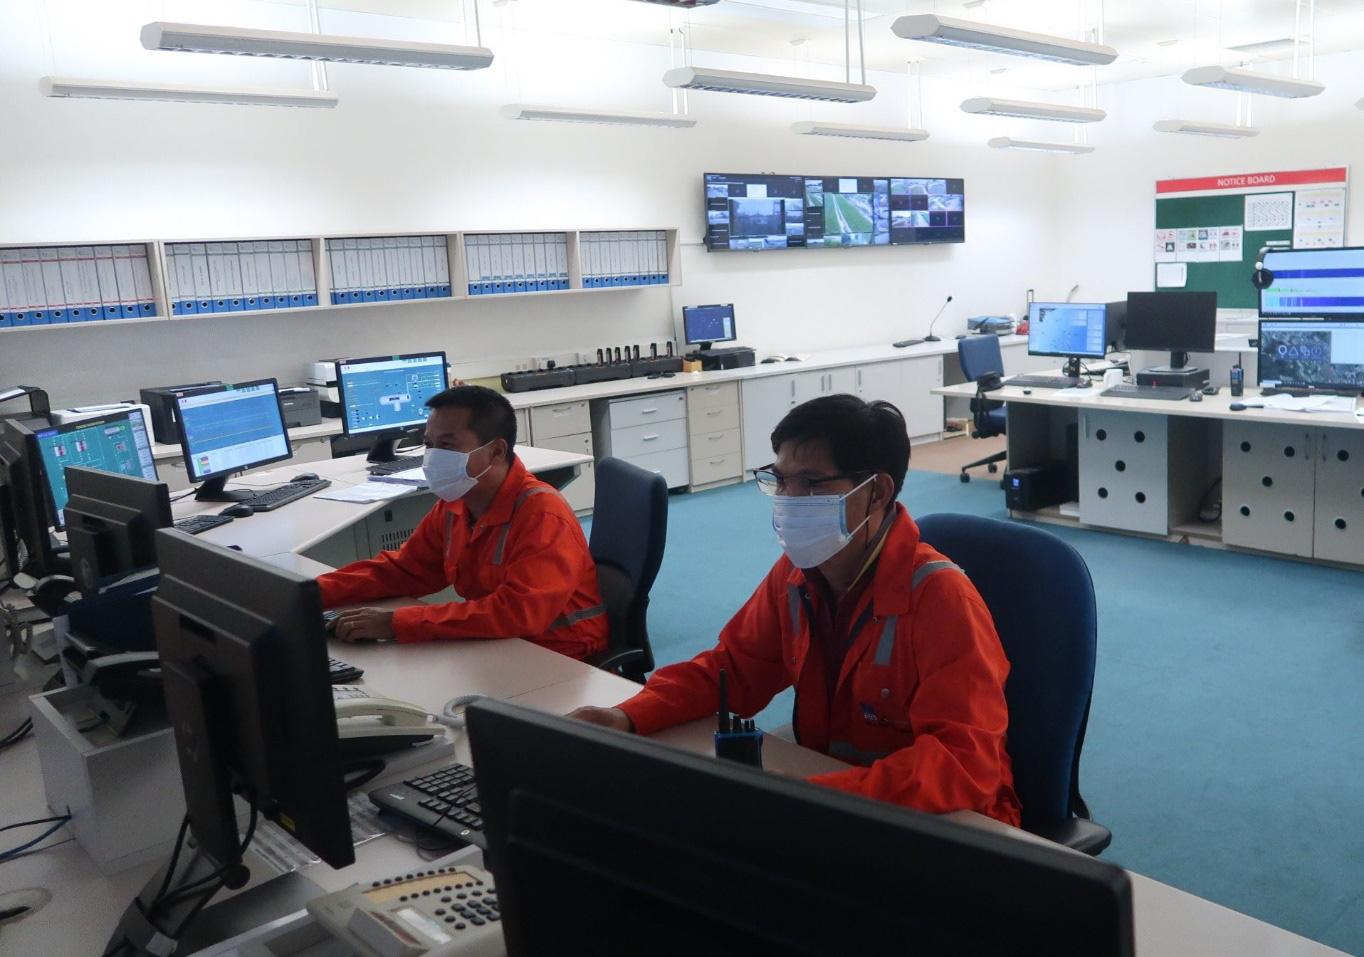 NCSP thực hiện công tác phòng chống dịch bệnh nghiêm ngặt và lạc quan - Ảnh 1.